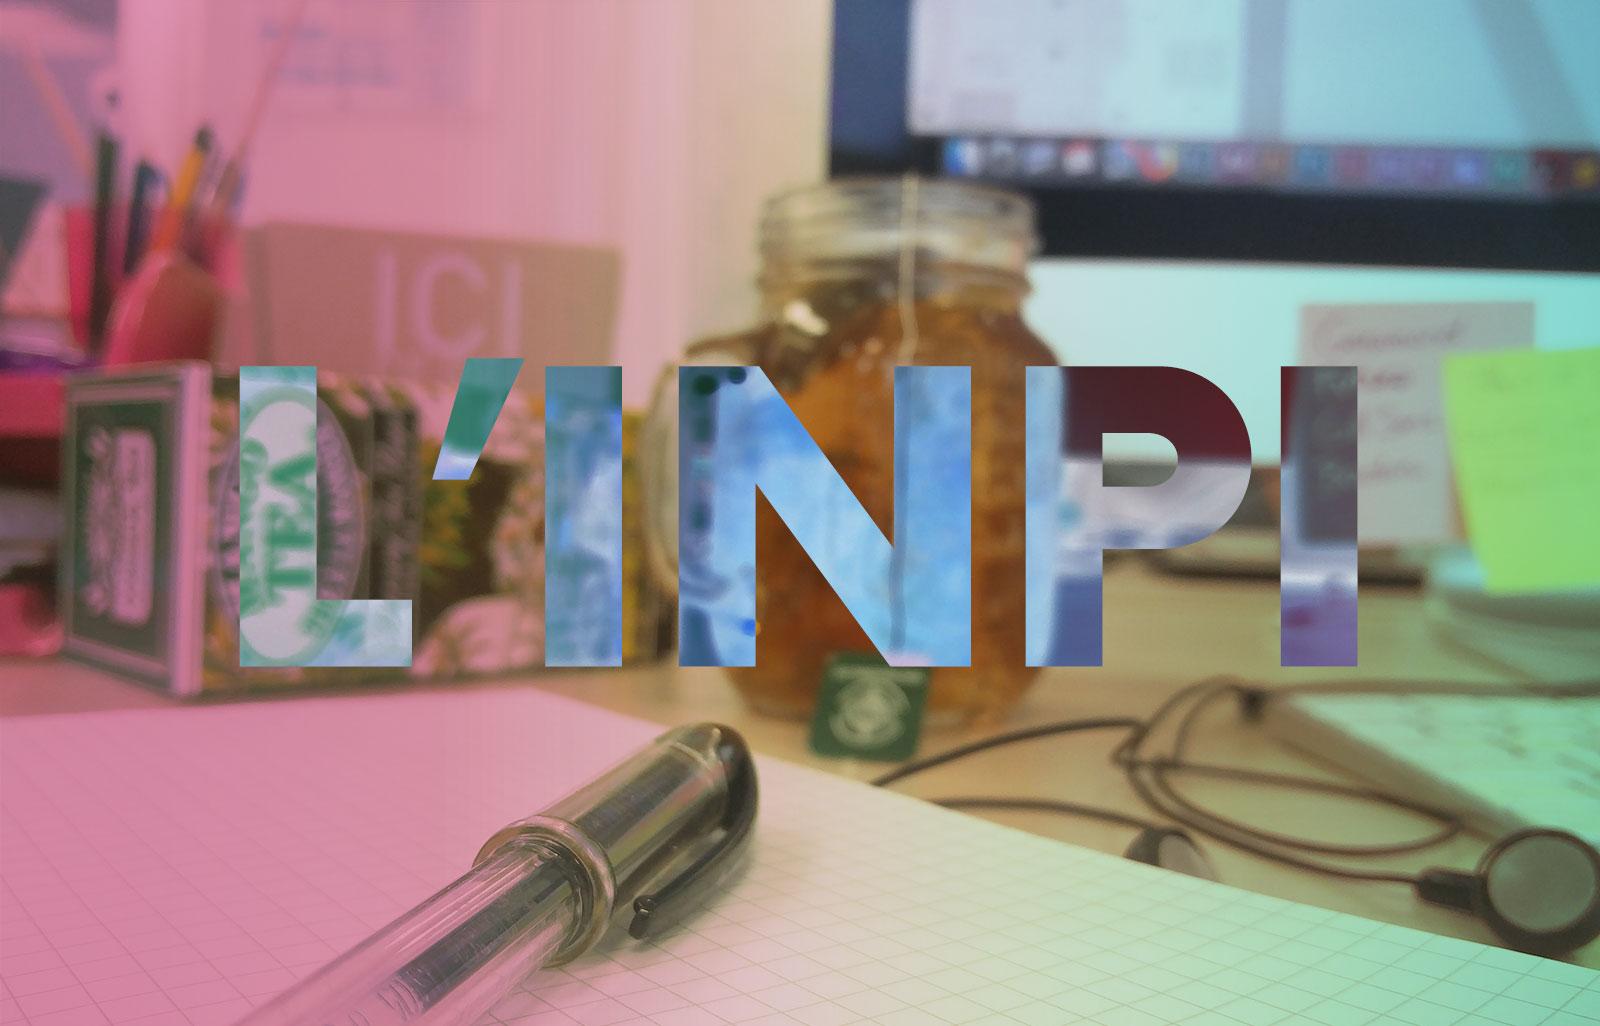 Graphiste--Client---Déposer-votre-Logo-ou-Marque-à-l'INPI-----Couverture-blog---Une-graphiste-à-Nice_Amélie-Rimbaud-AR-DESIGNER-contact@amelierimbaud.fr-www.amelierimbaud.fr_1800x